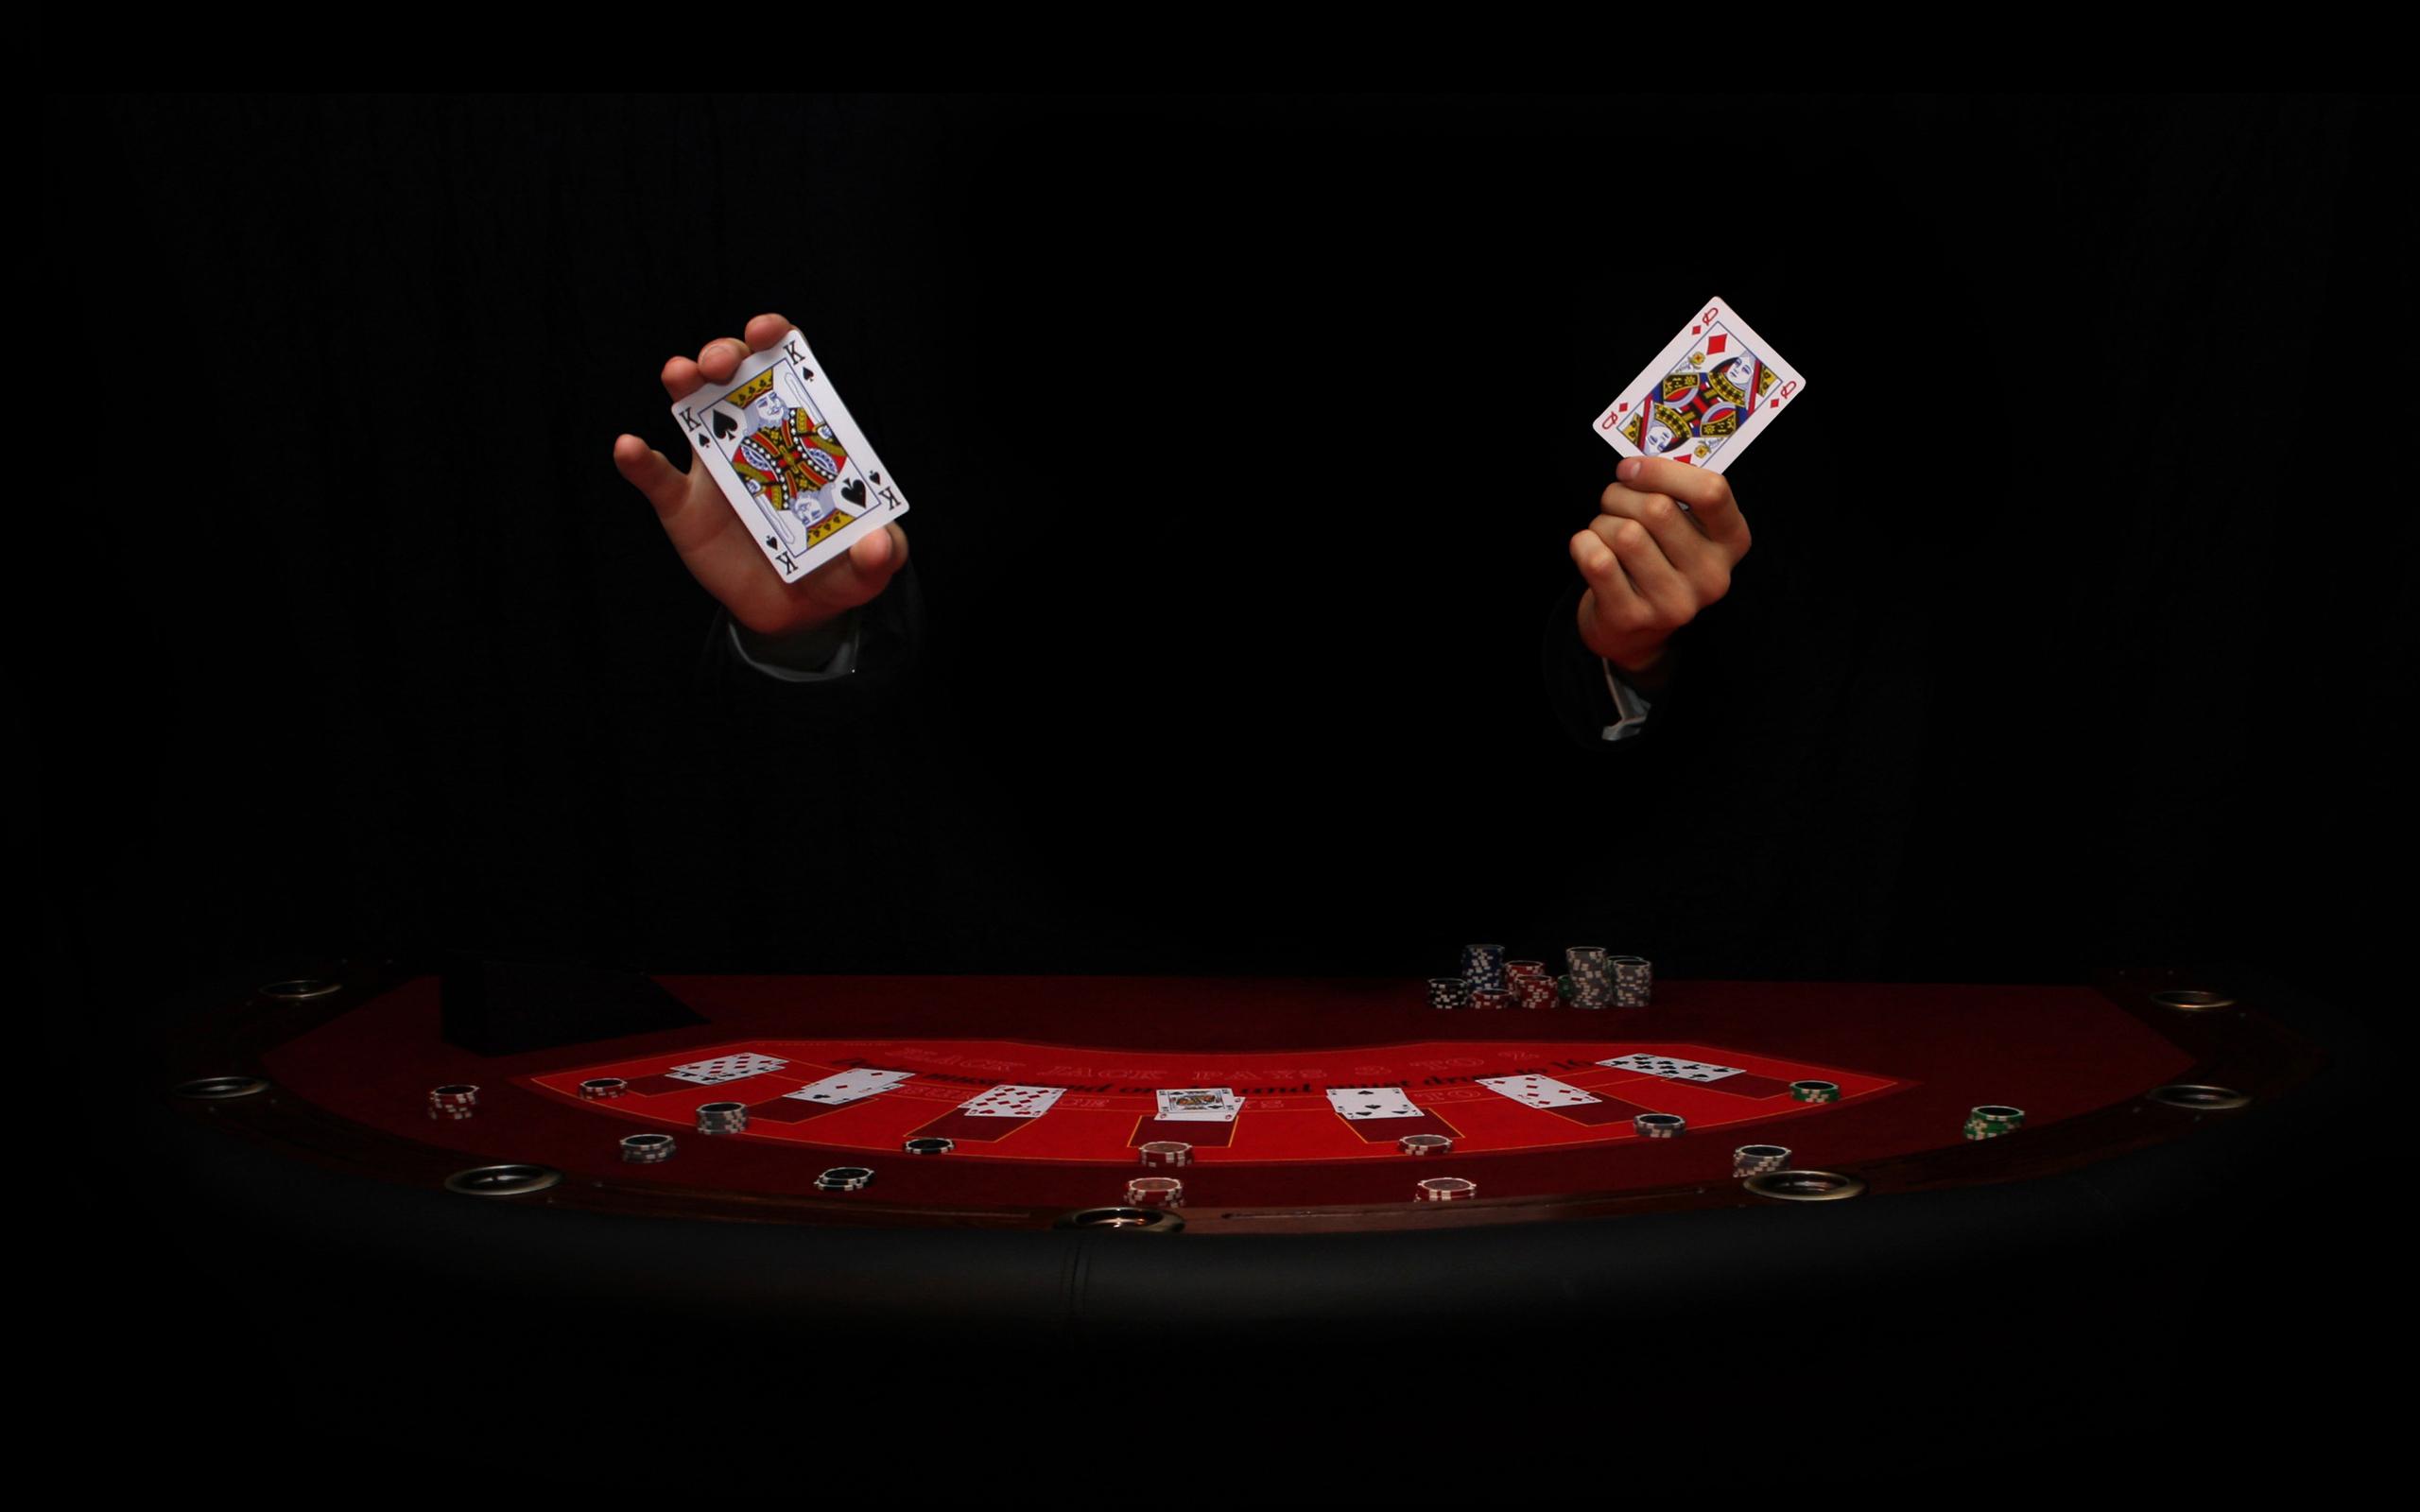 Сваты в казино смотреть онлайн в хорошем качестве марьяж карты играть